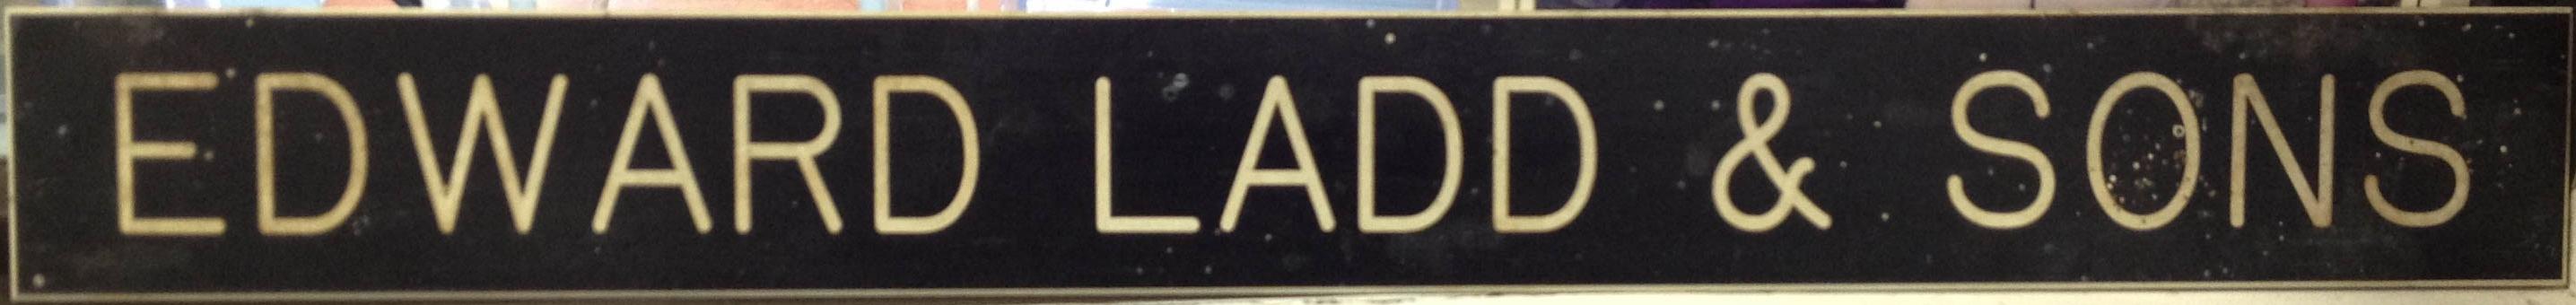 Edward Ladd & Sons